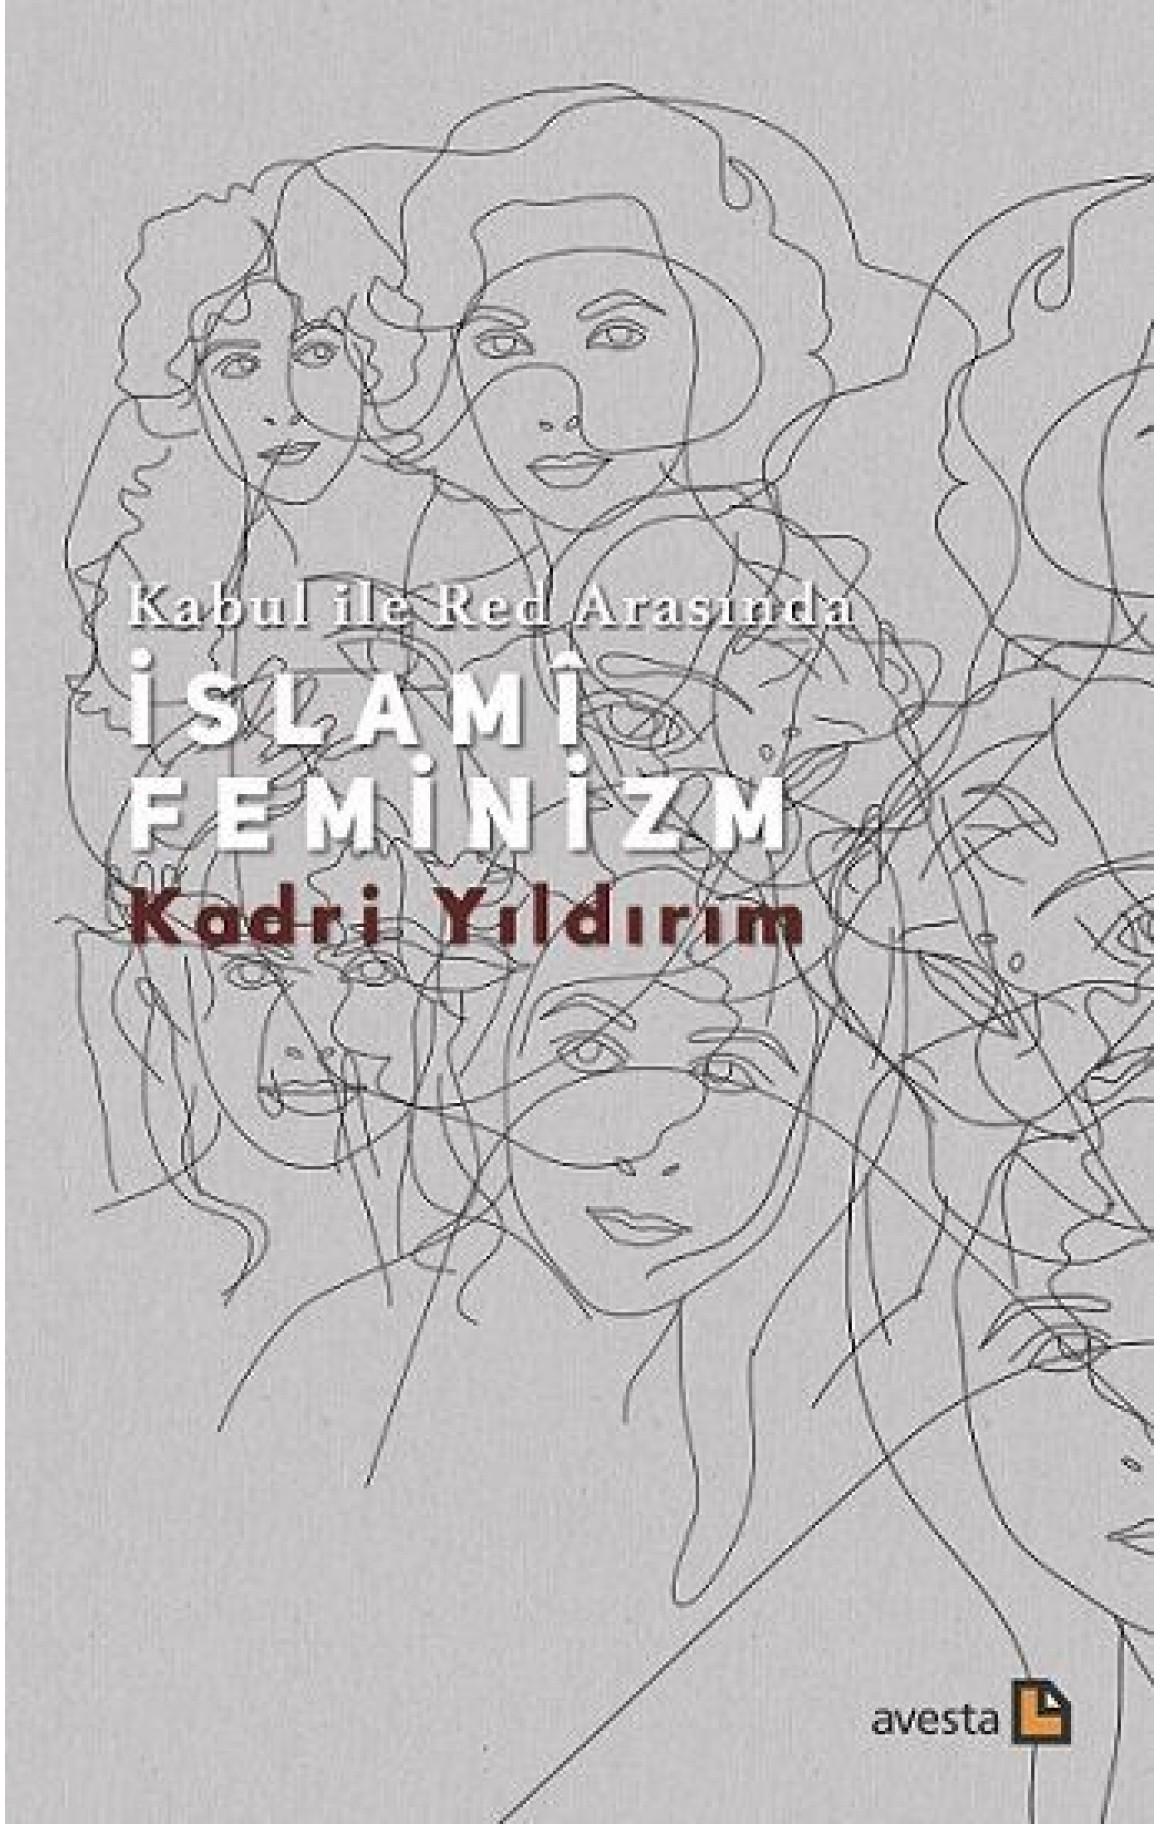 Kabul ile Red Arasında İslamî Feminizm